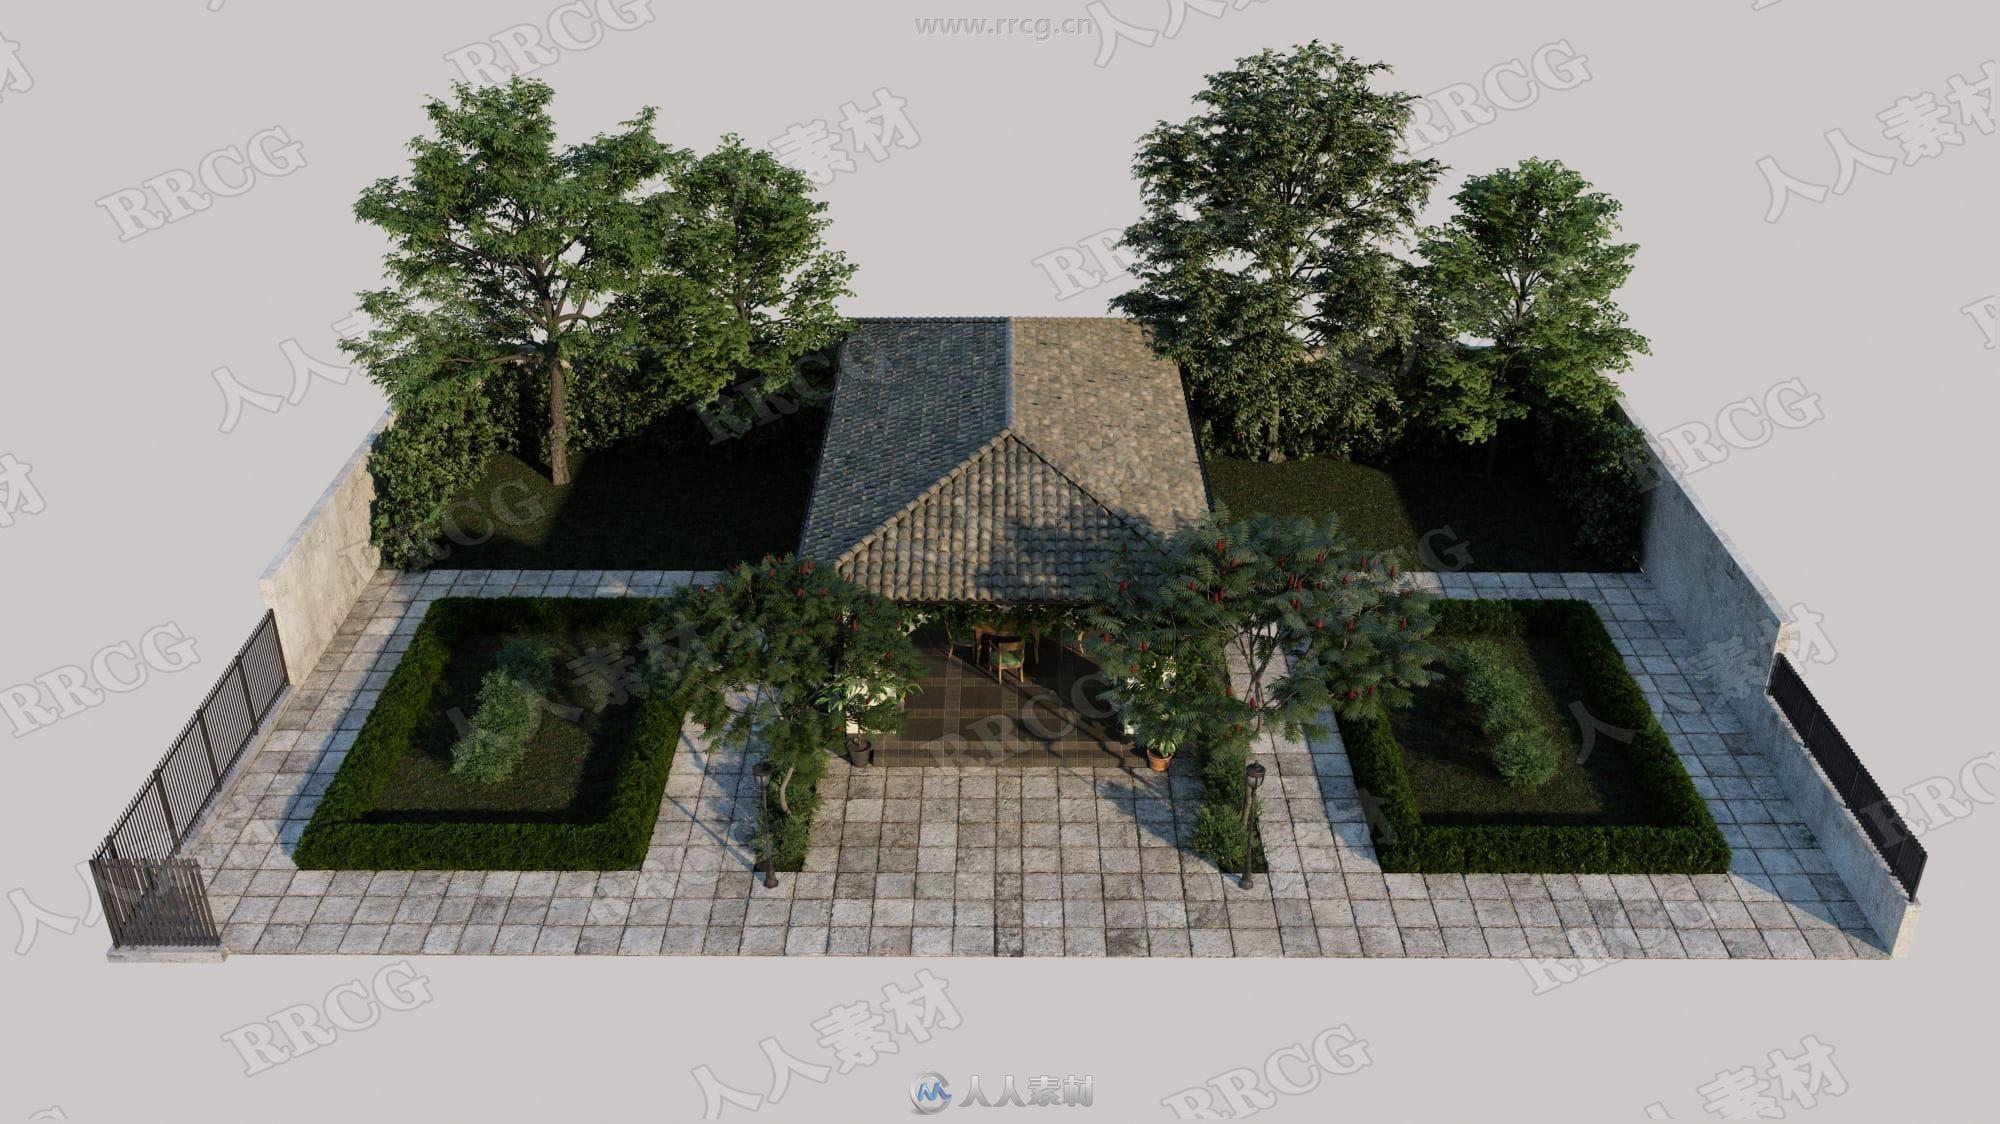 20组高品质花园庭院植物家具相关3D模型合集 Evermotion